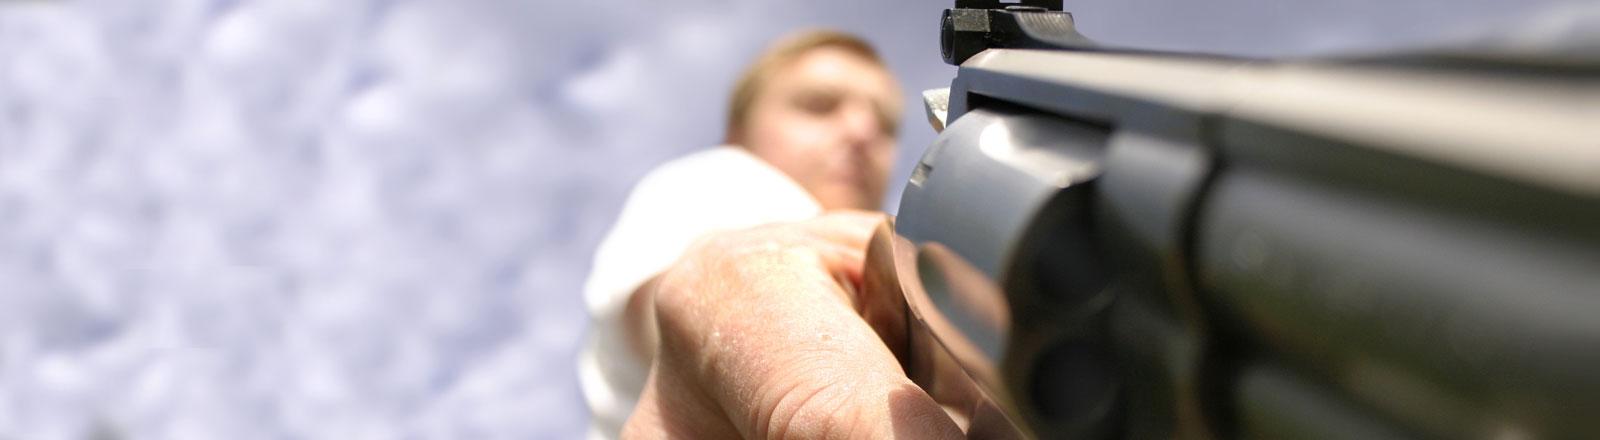 Ein Mann hält eine Waffe in der Hand, die auf den Boden gerichtet ist.